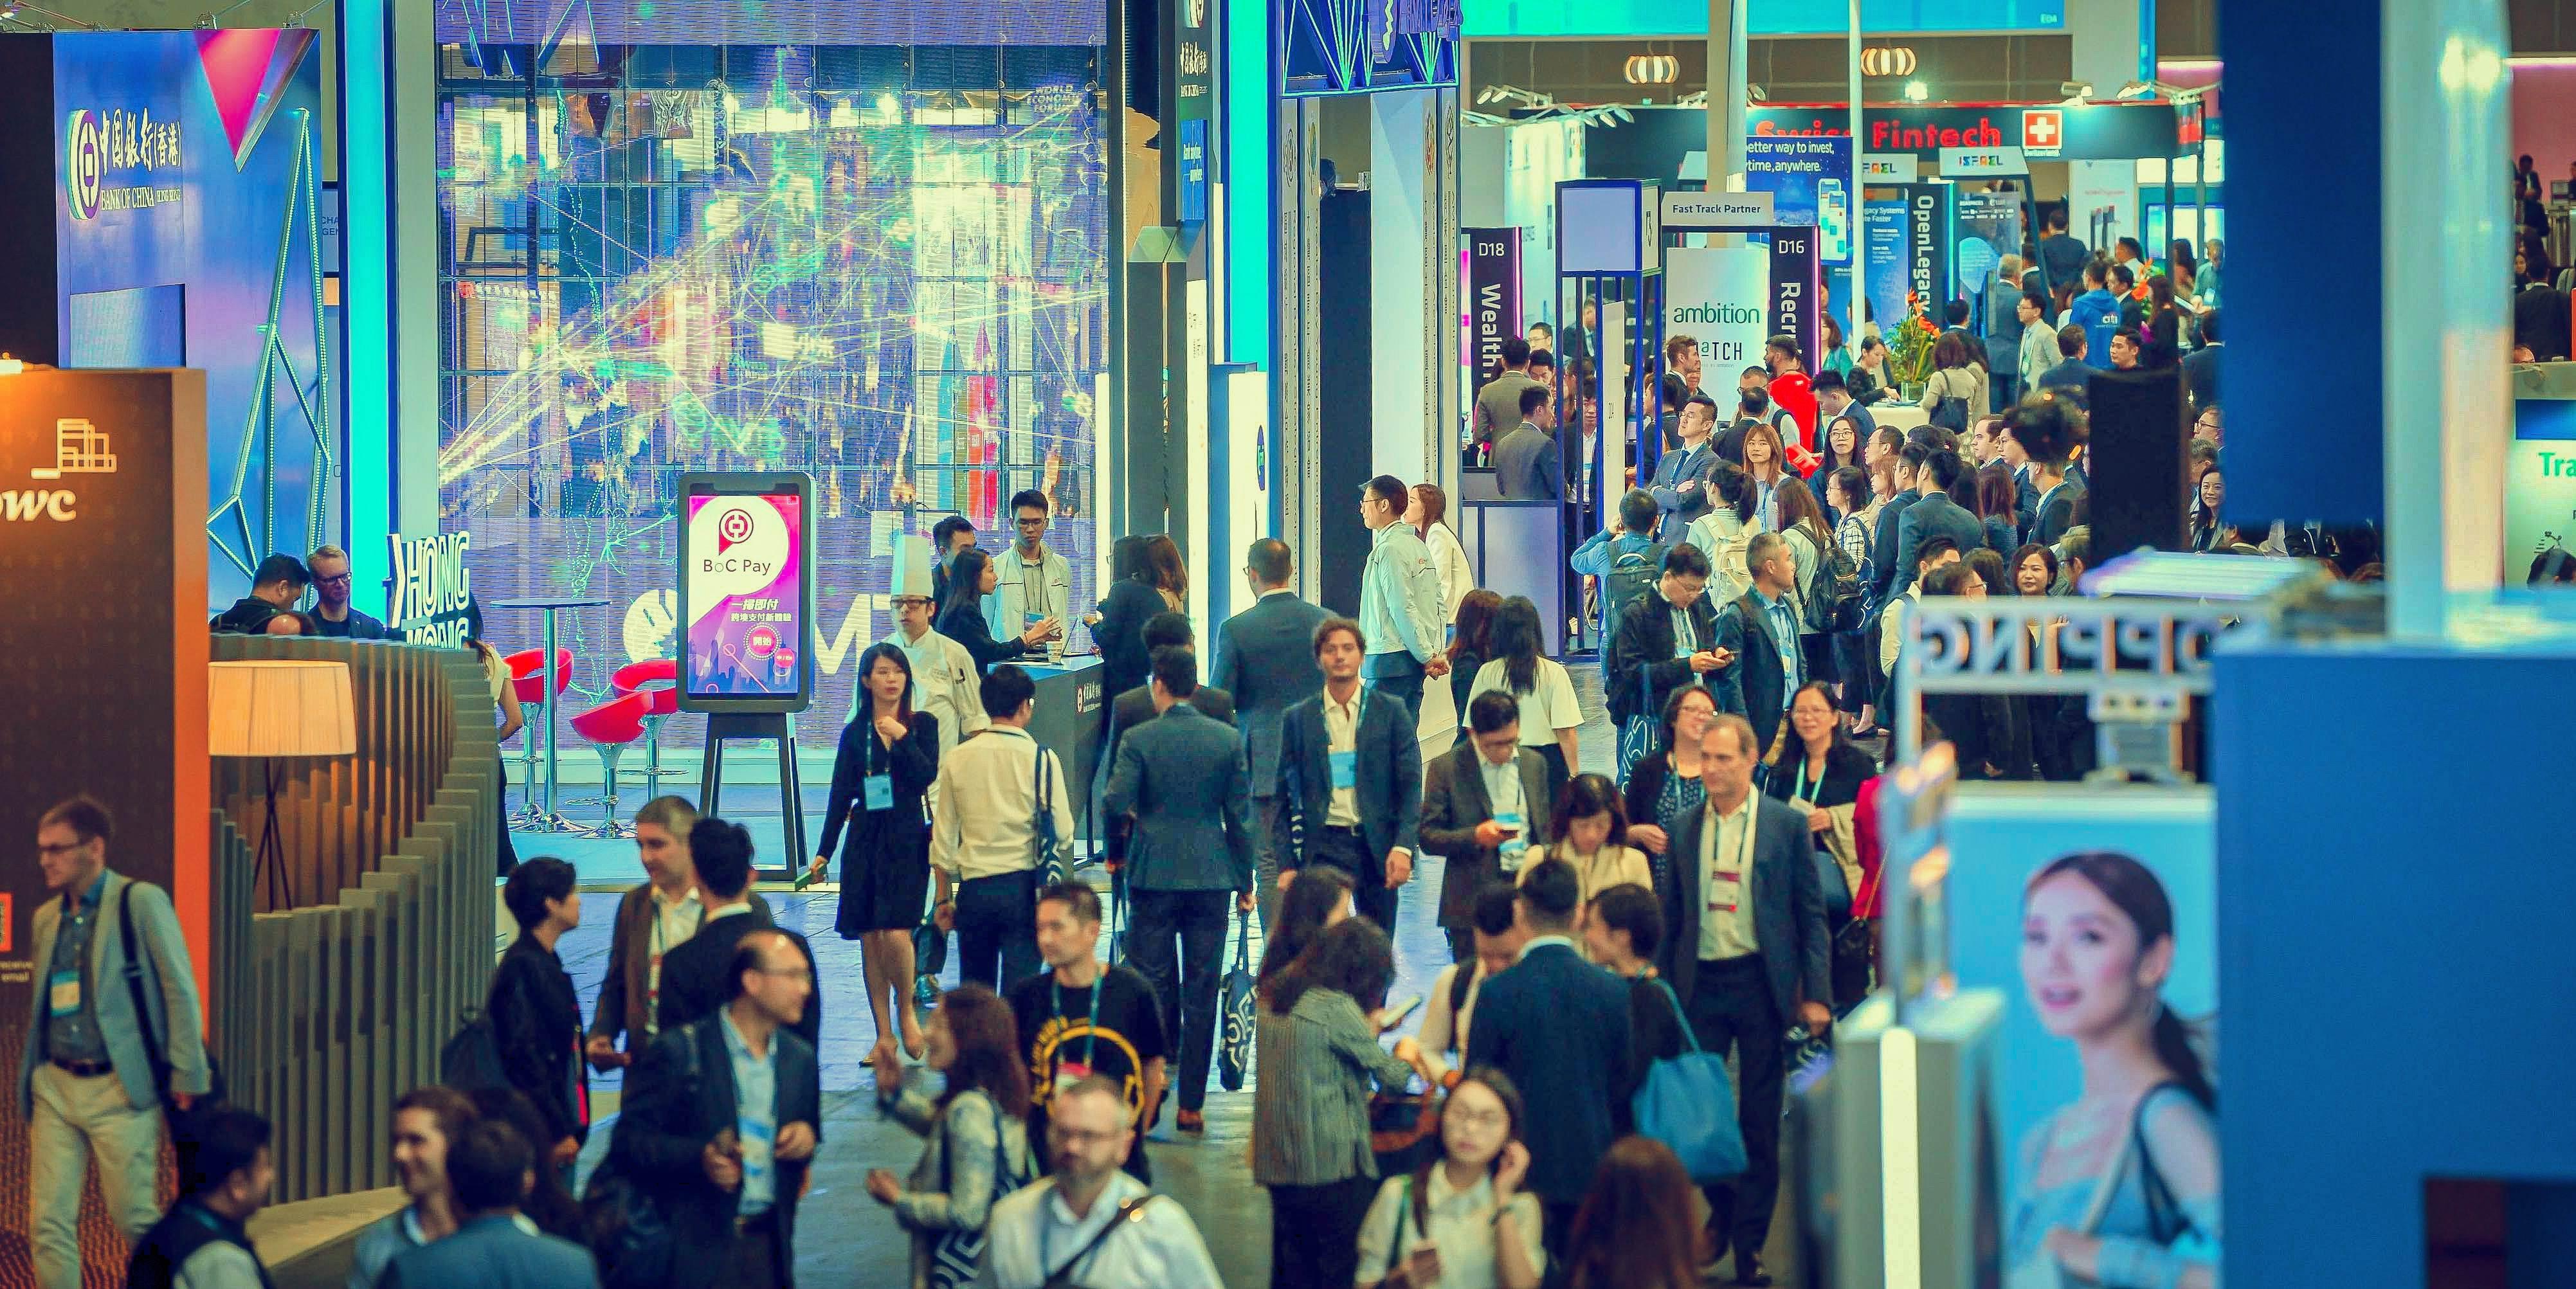 立足香港,创新融合,打造金融科技全球扩张最佳平台